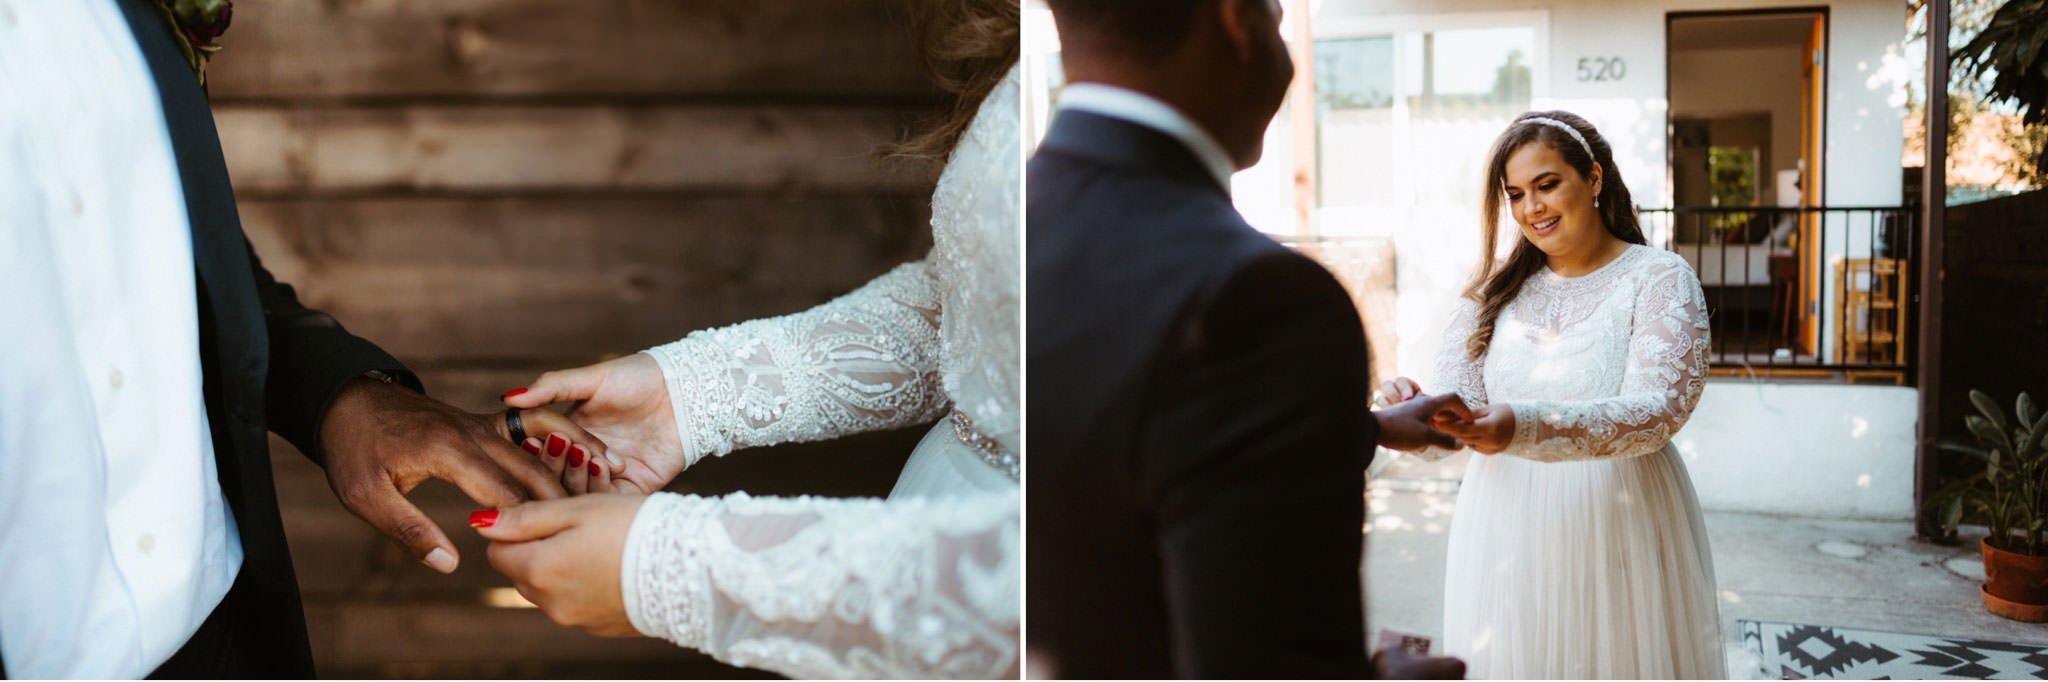 la elopement photos 056